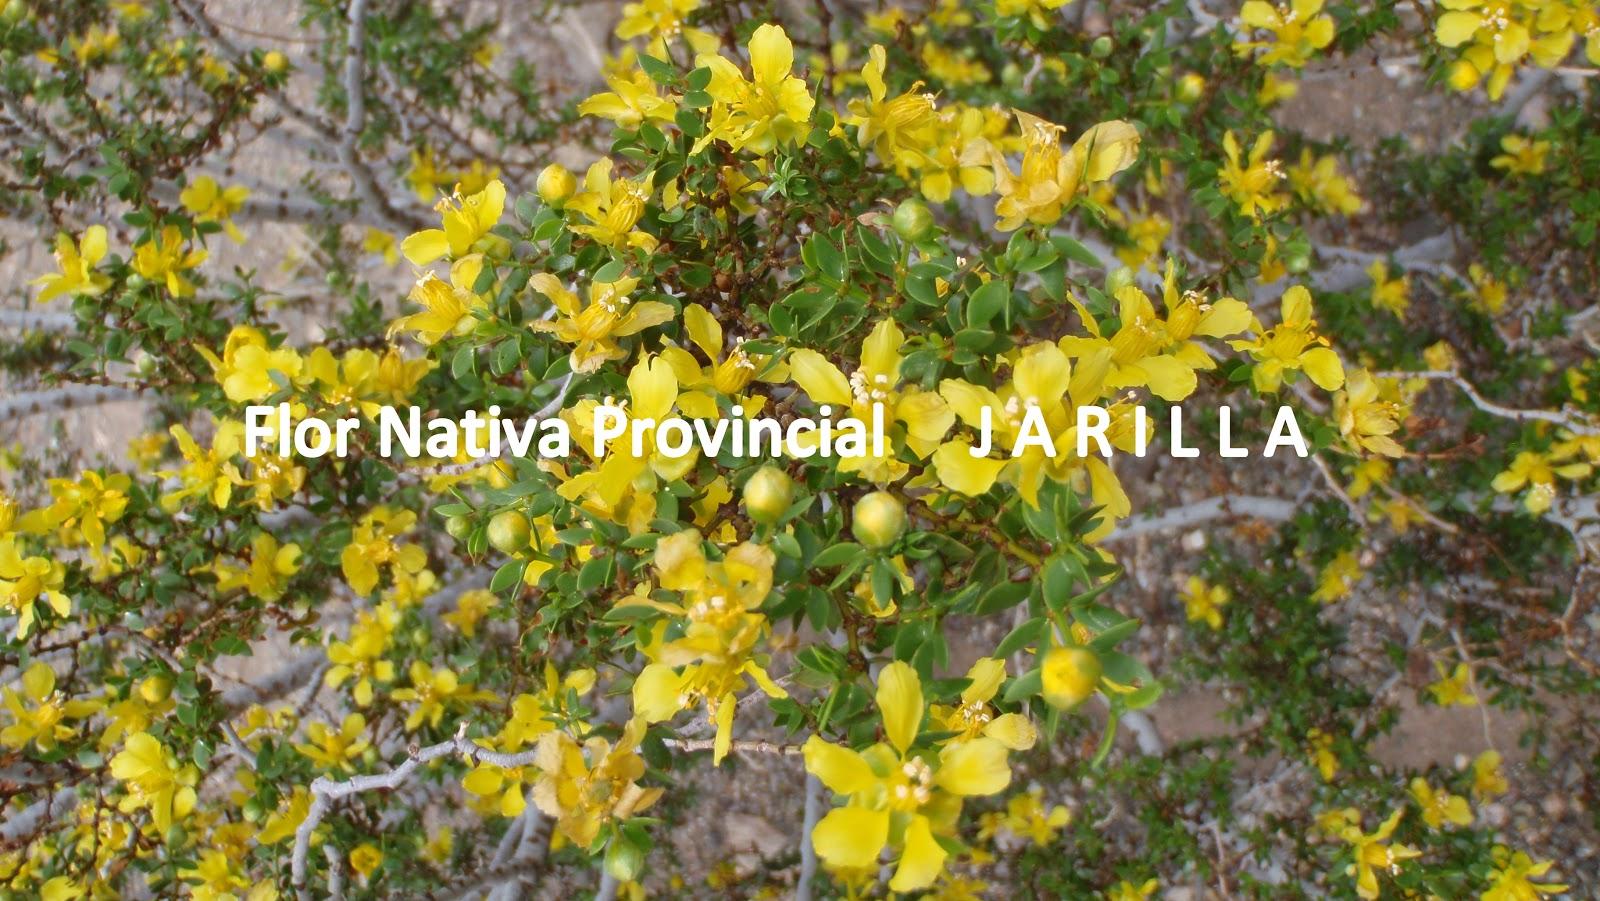 las jarillas son arbustos que pueden medir entre y metros con follaje verde brillante y flores amarillas que florecen desde octubre a fines de